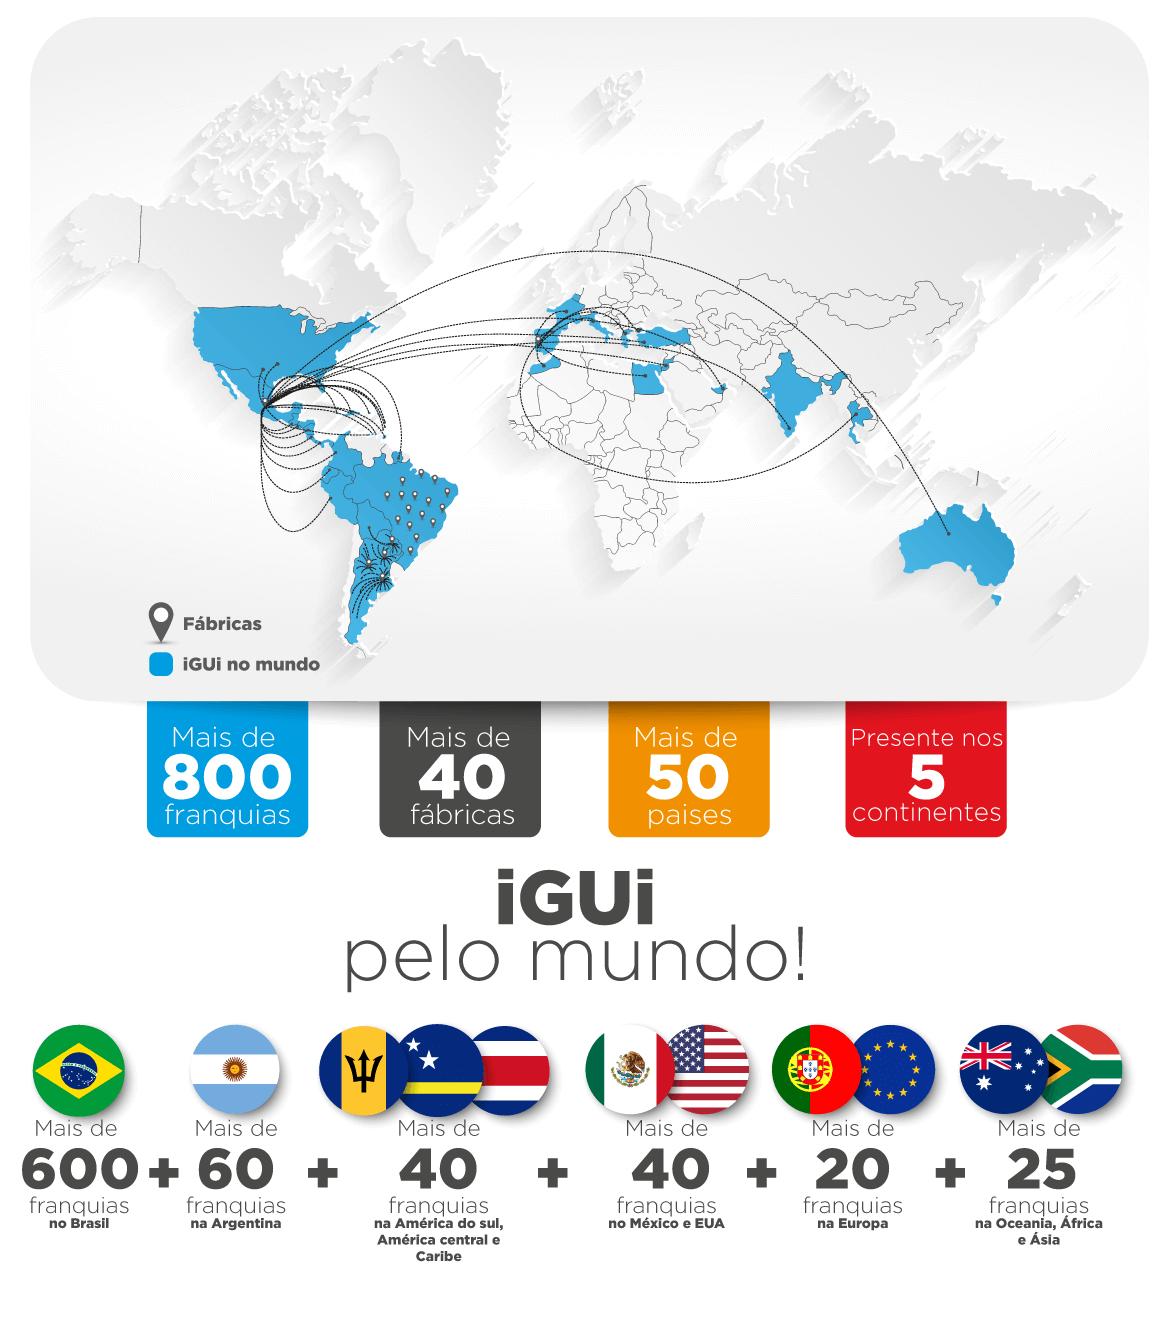 Mapa Franquias e Fábricas iGUi no Mundo